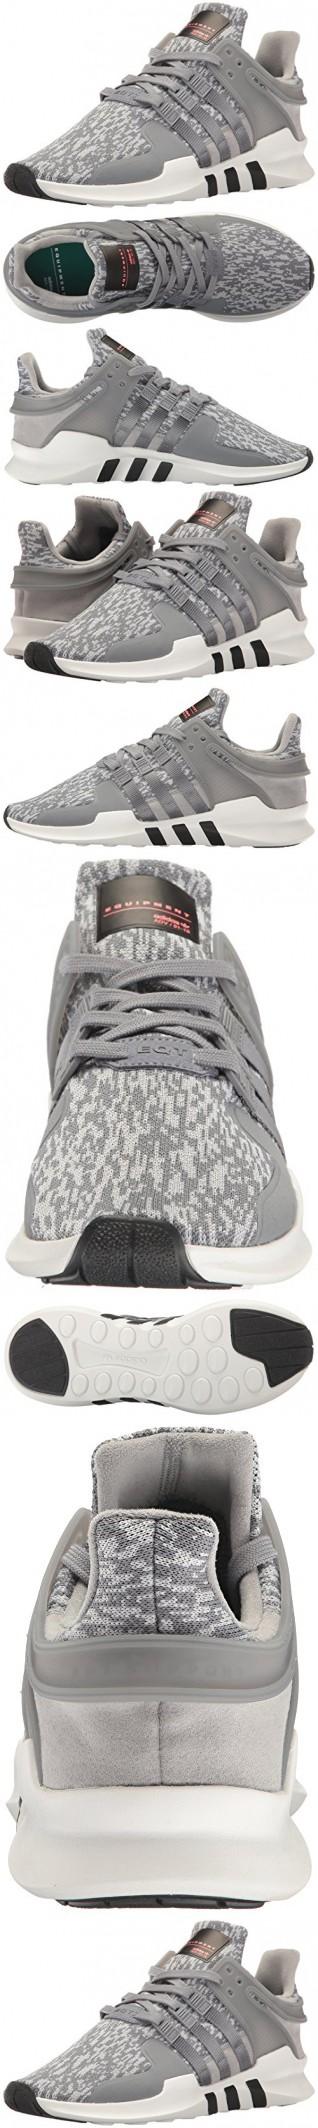 adidas originali degli uomini eqt appoggio avanzata moda scarpa, chiara onix